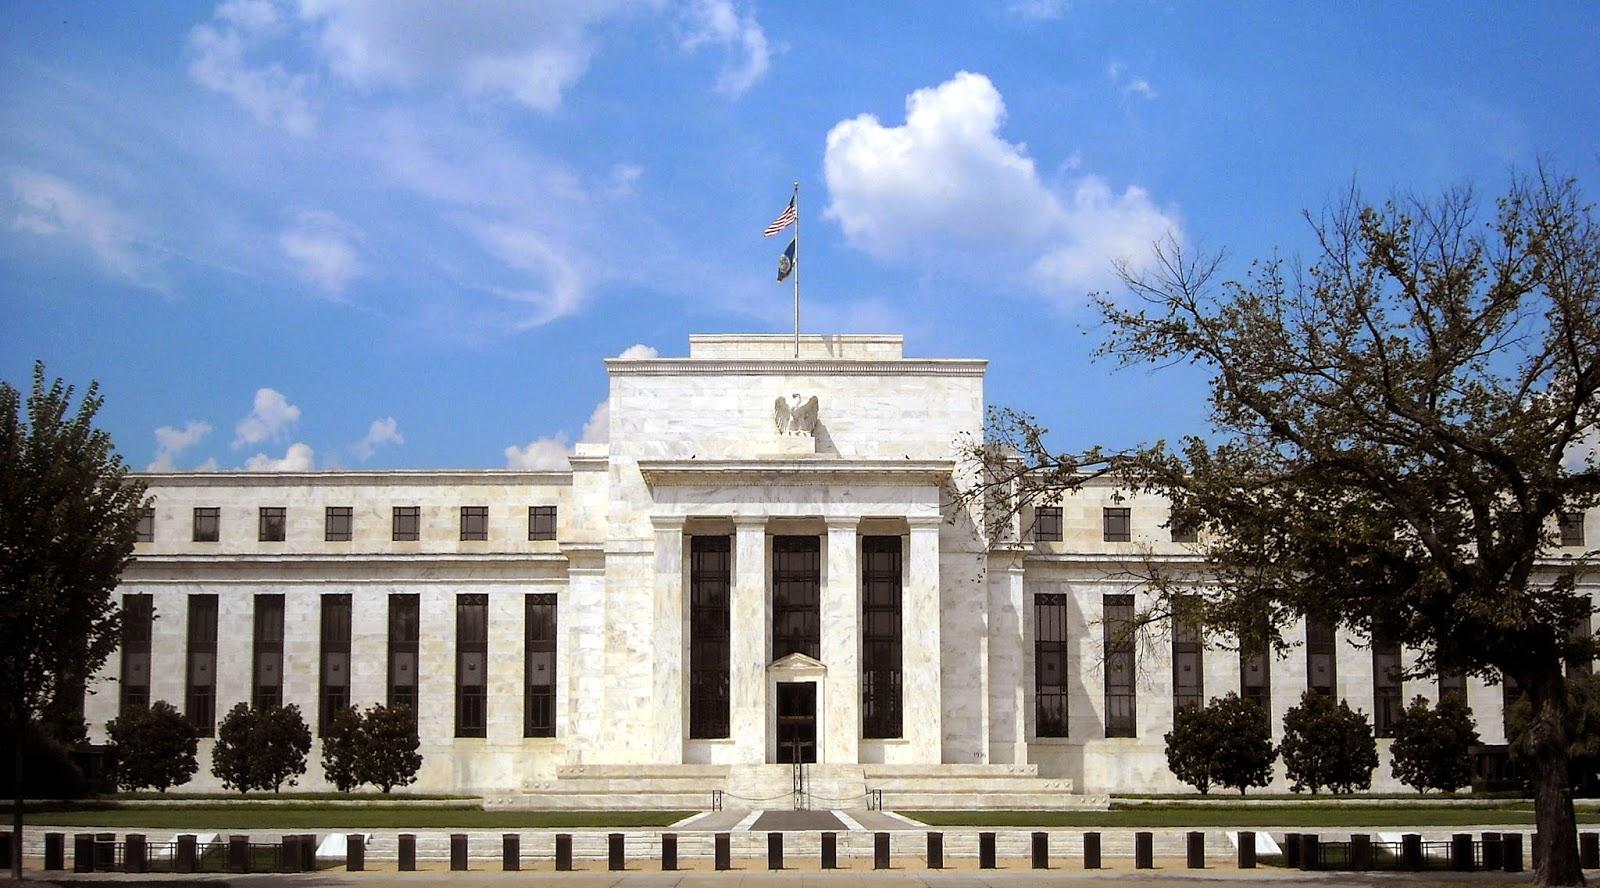 Federal Reserve Bank vs. Bureau of Labor Statistics